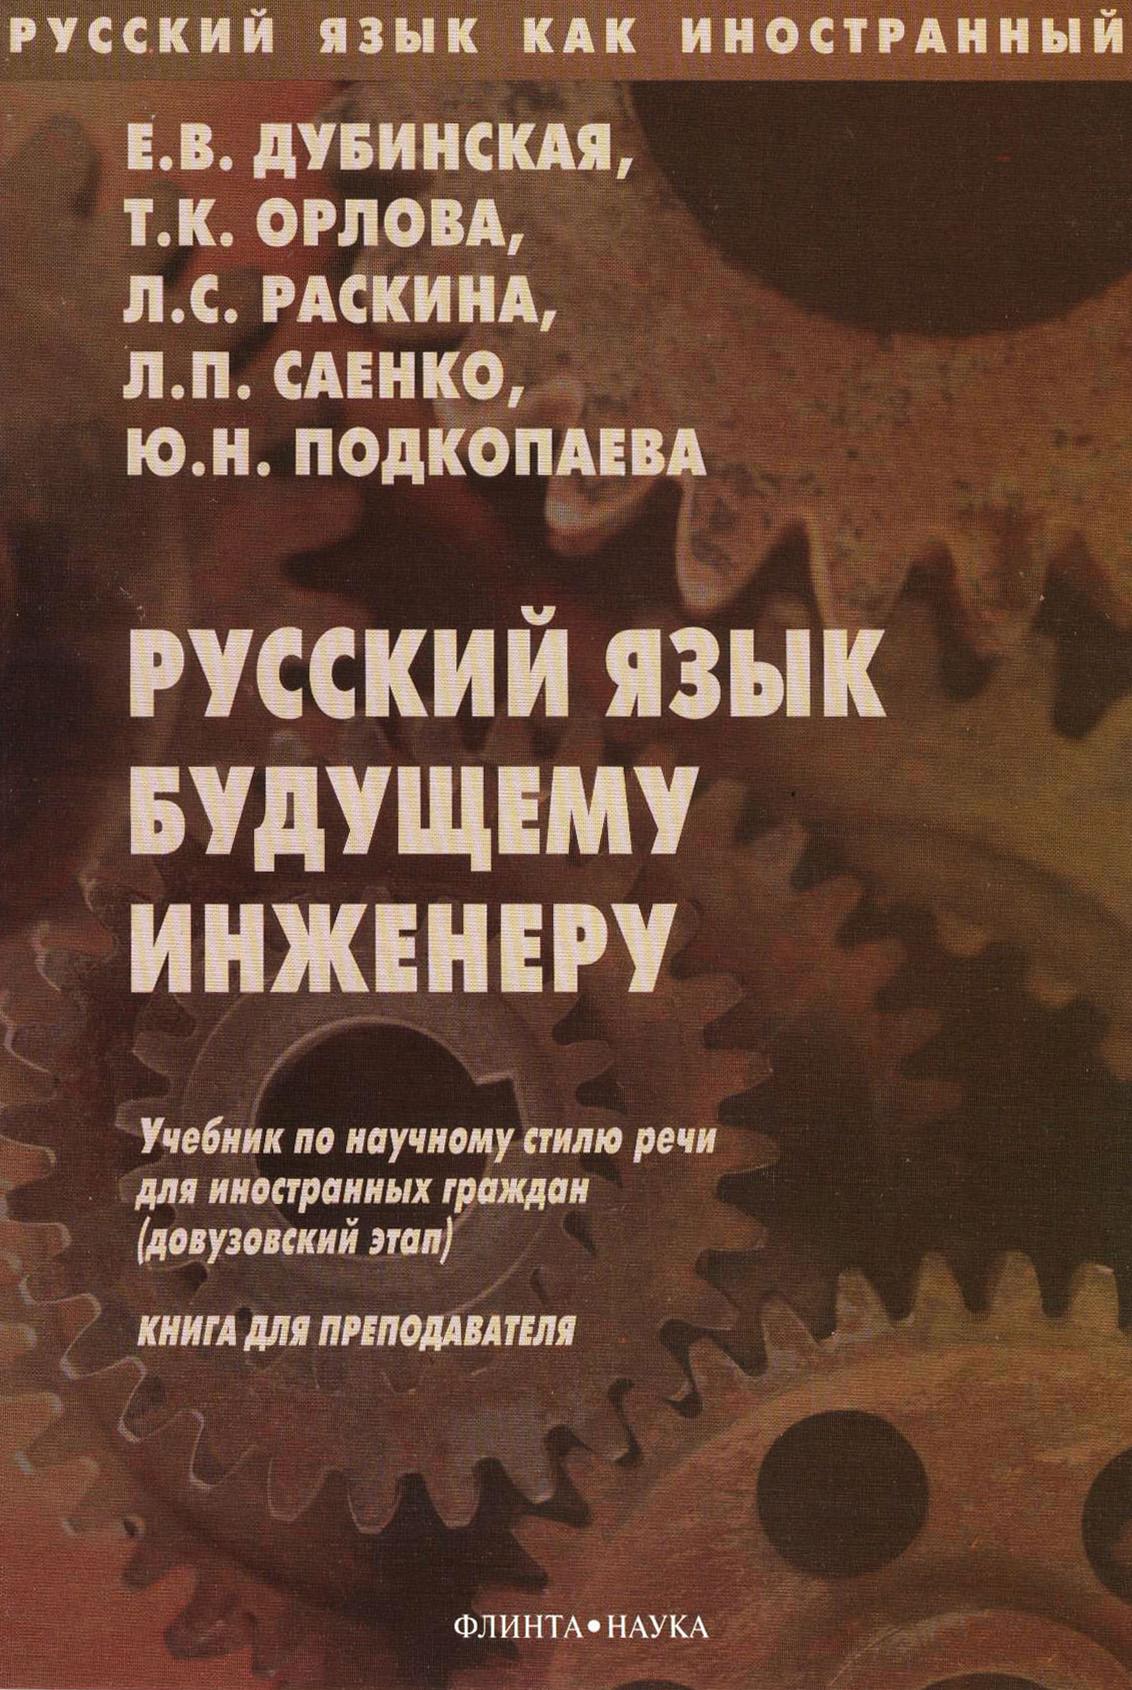 Е. В. Дубинская Русский язык будущему инженеру. Книга для преподавателей